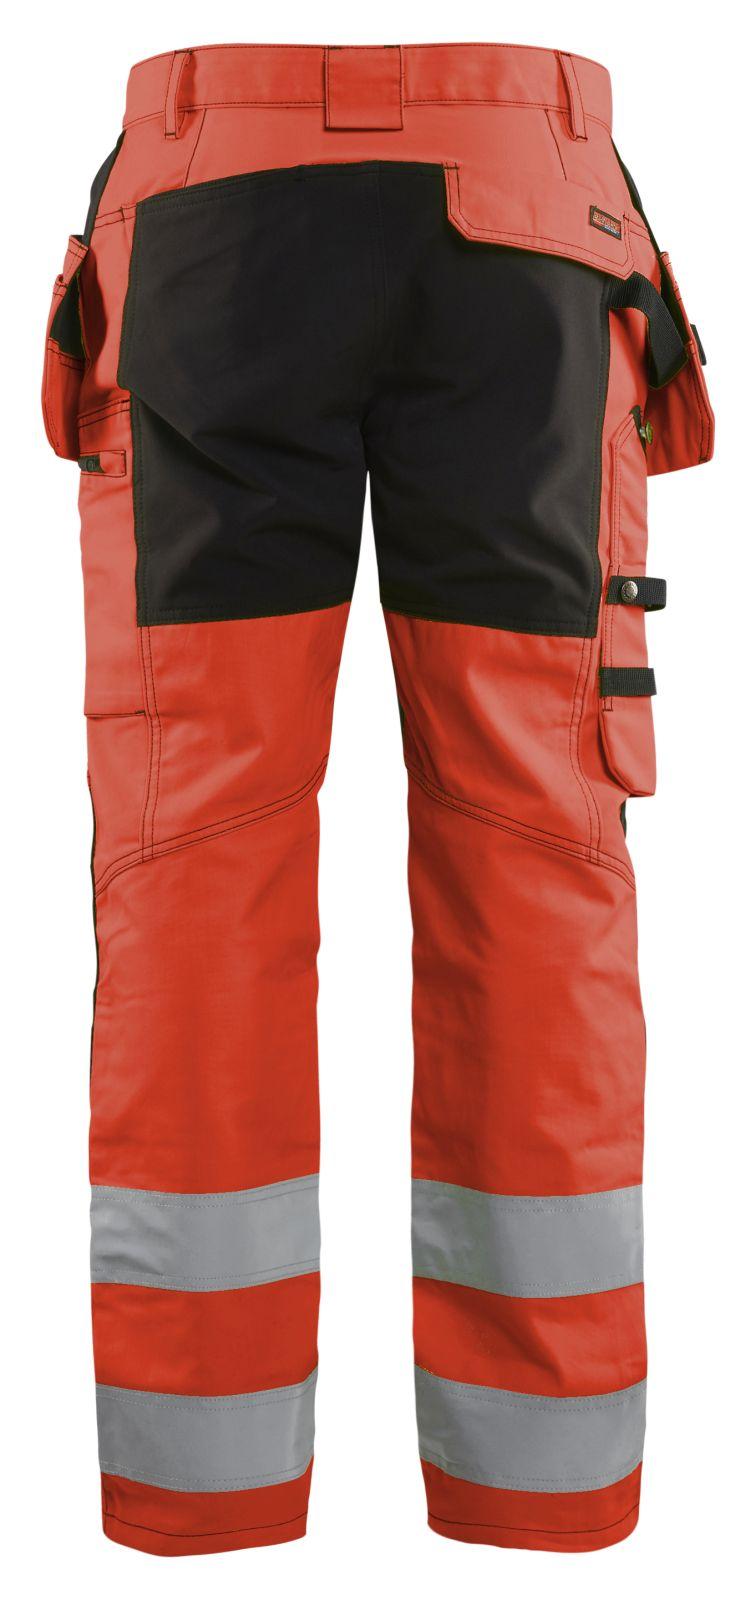 Blaklader Softshell werkbroeken 15521811 High Vis fluo rood-zwart(5599)